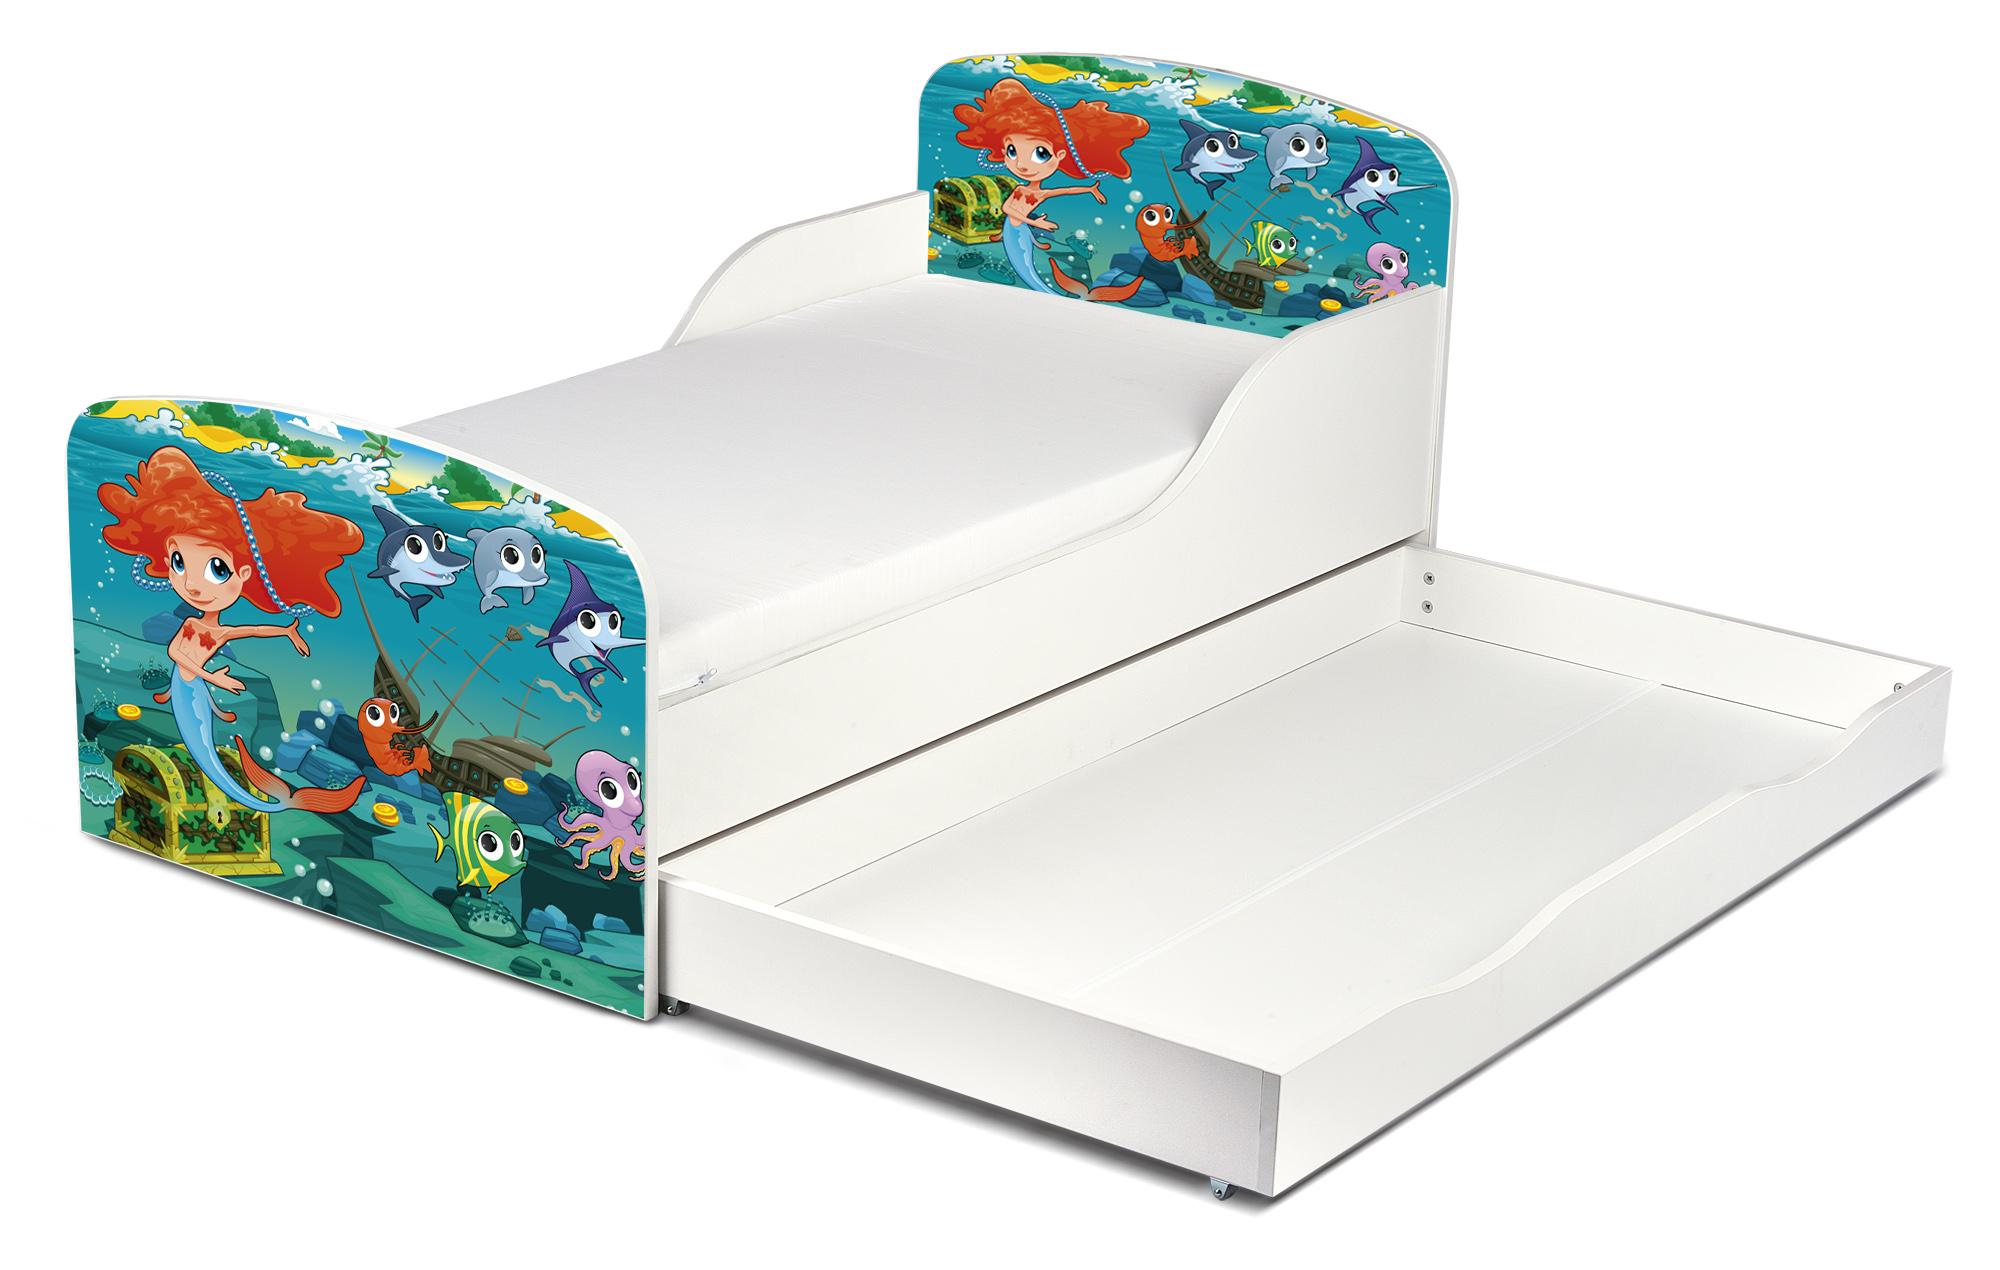 kinderbett 140x70 cm mit matratze und schublade thema meerjungfrau. Black Bedroom Furniture Sets. Home Design Ideas